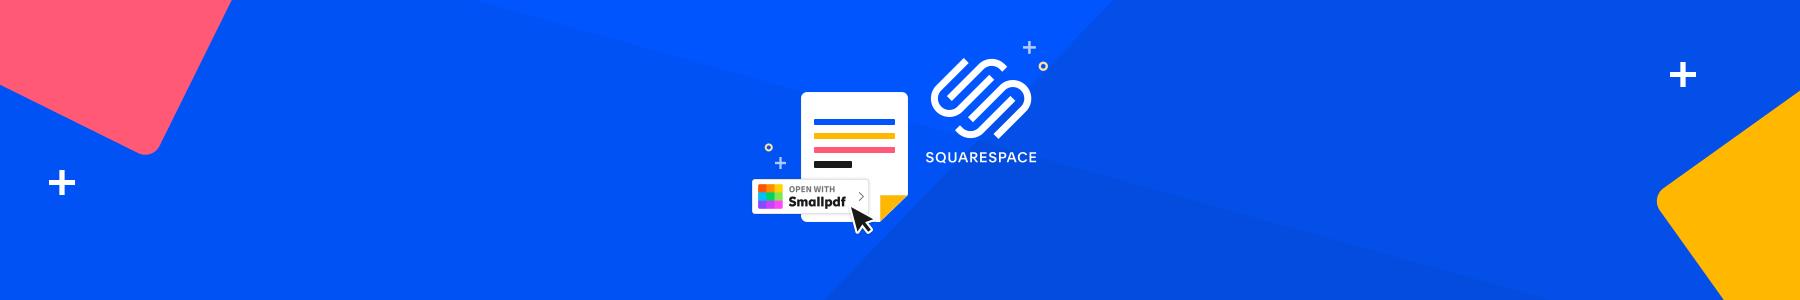 incorporar-pdf-squarespace@2x